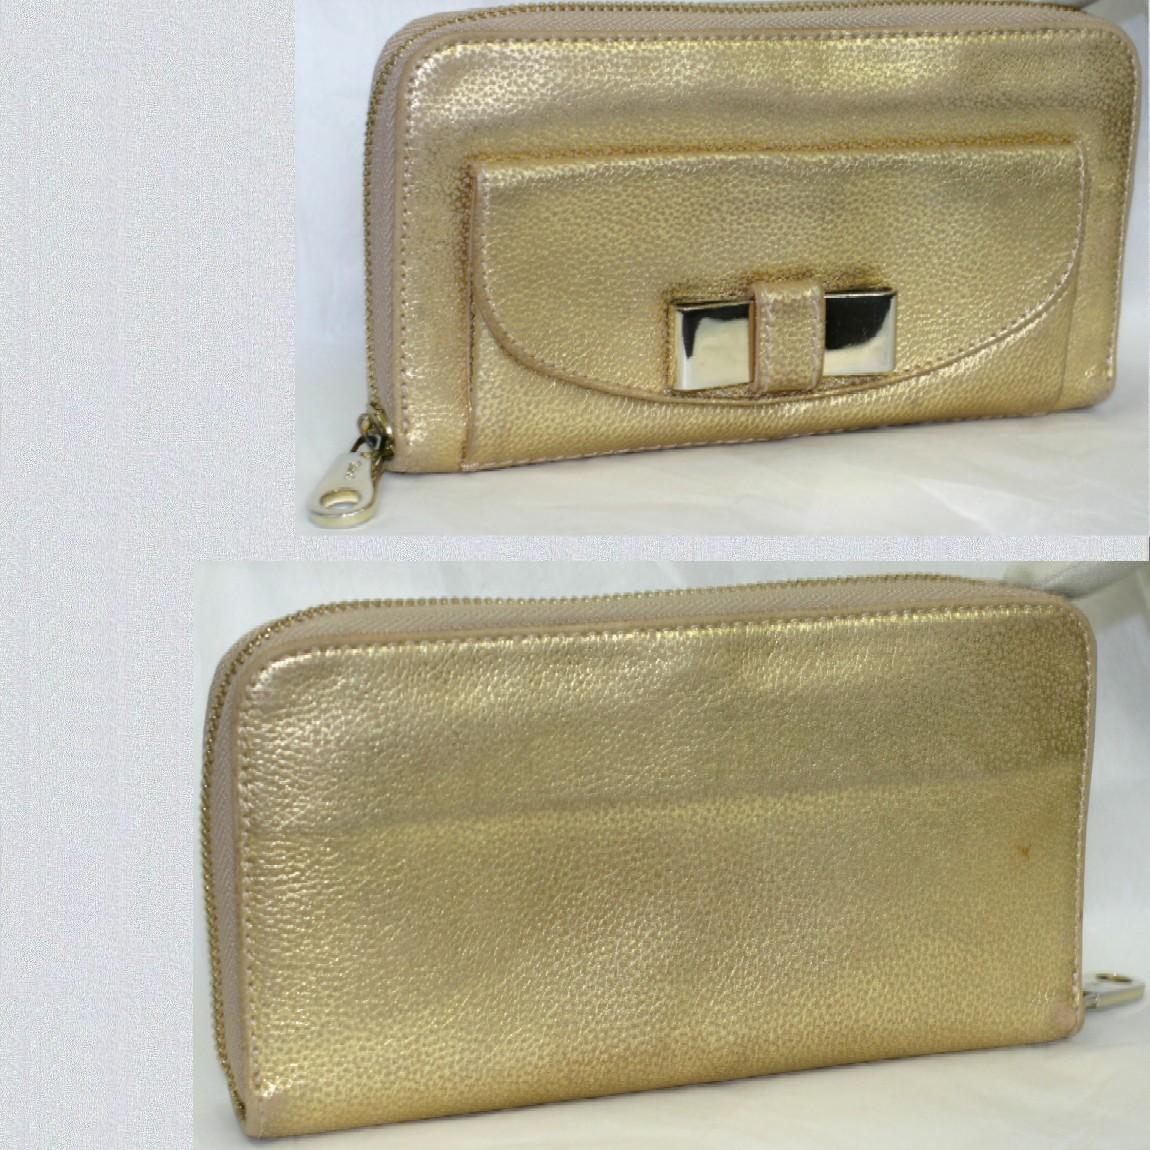 【中古】本物綺麗クロエ女性用ピンクゴールド色19x10,5x2,5cmラウンドファスナー長財布